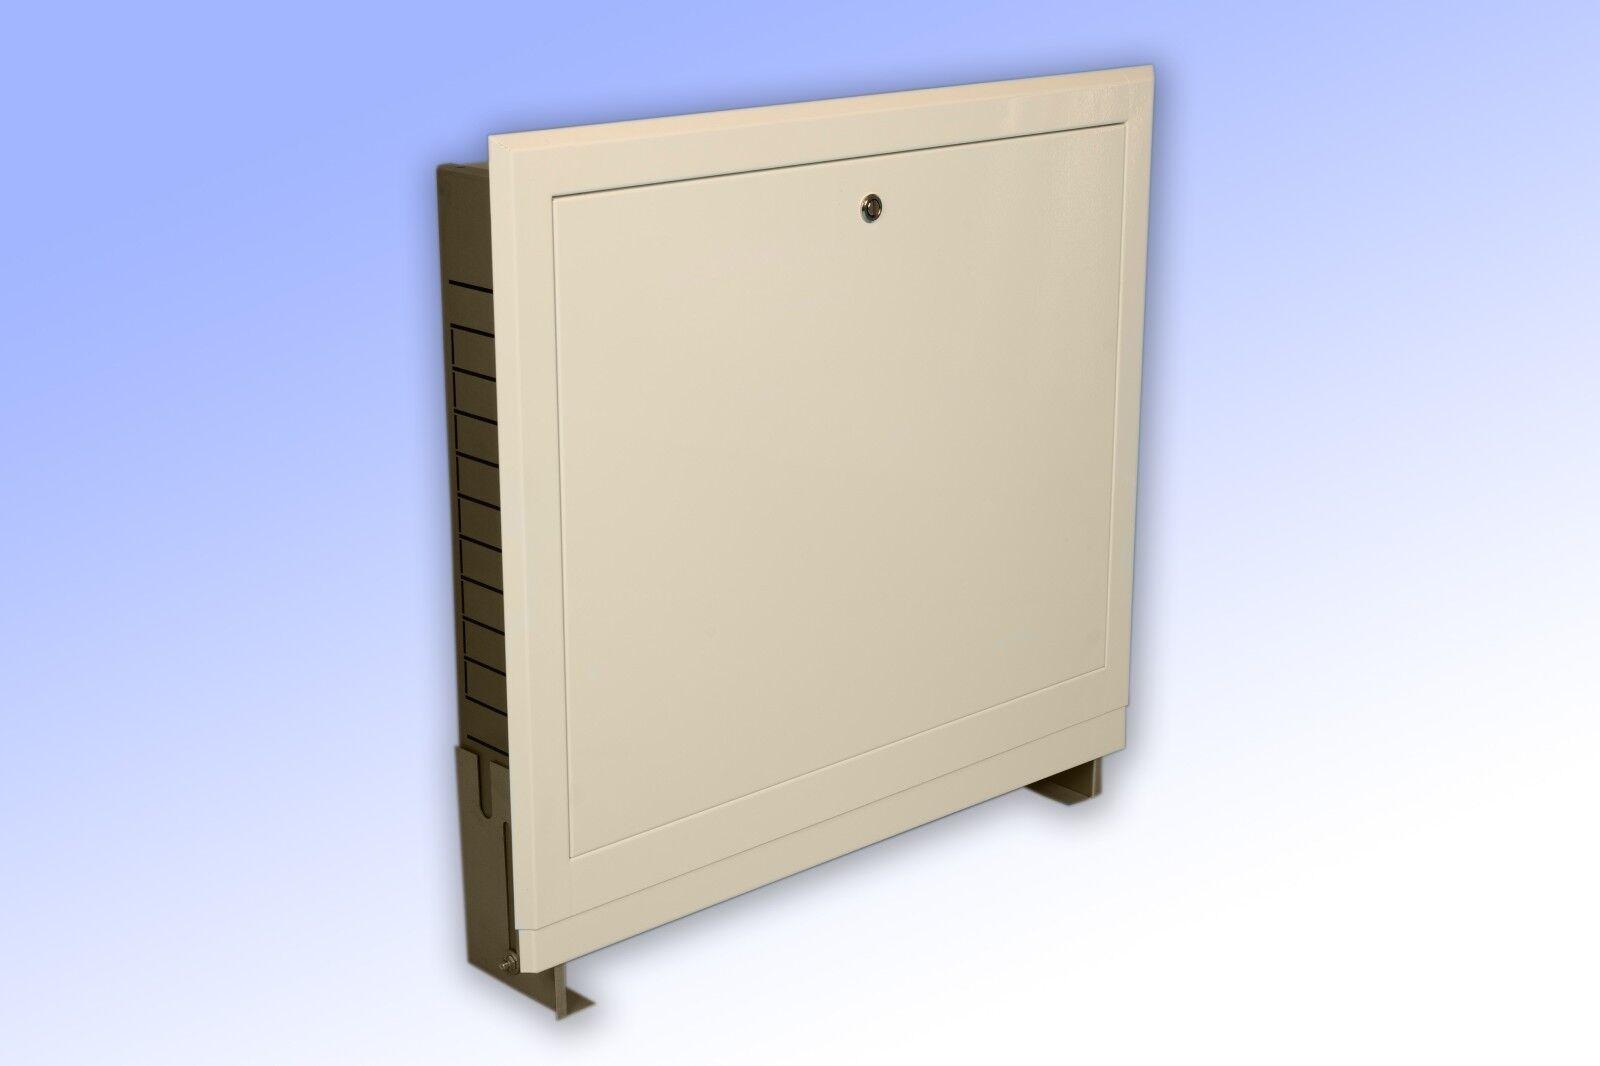 Verteilerschrank Unterputz 1000mm für Heizkreisverteiler 10-13 Heizkreise